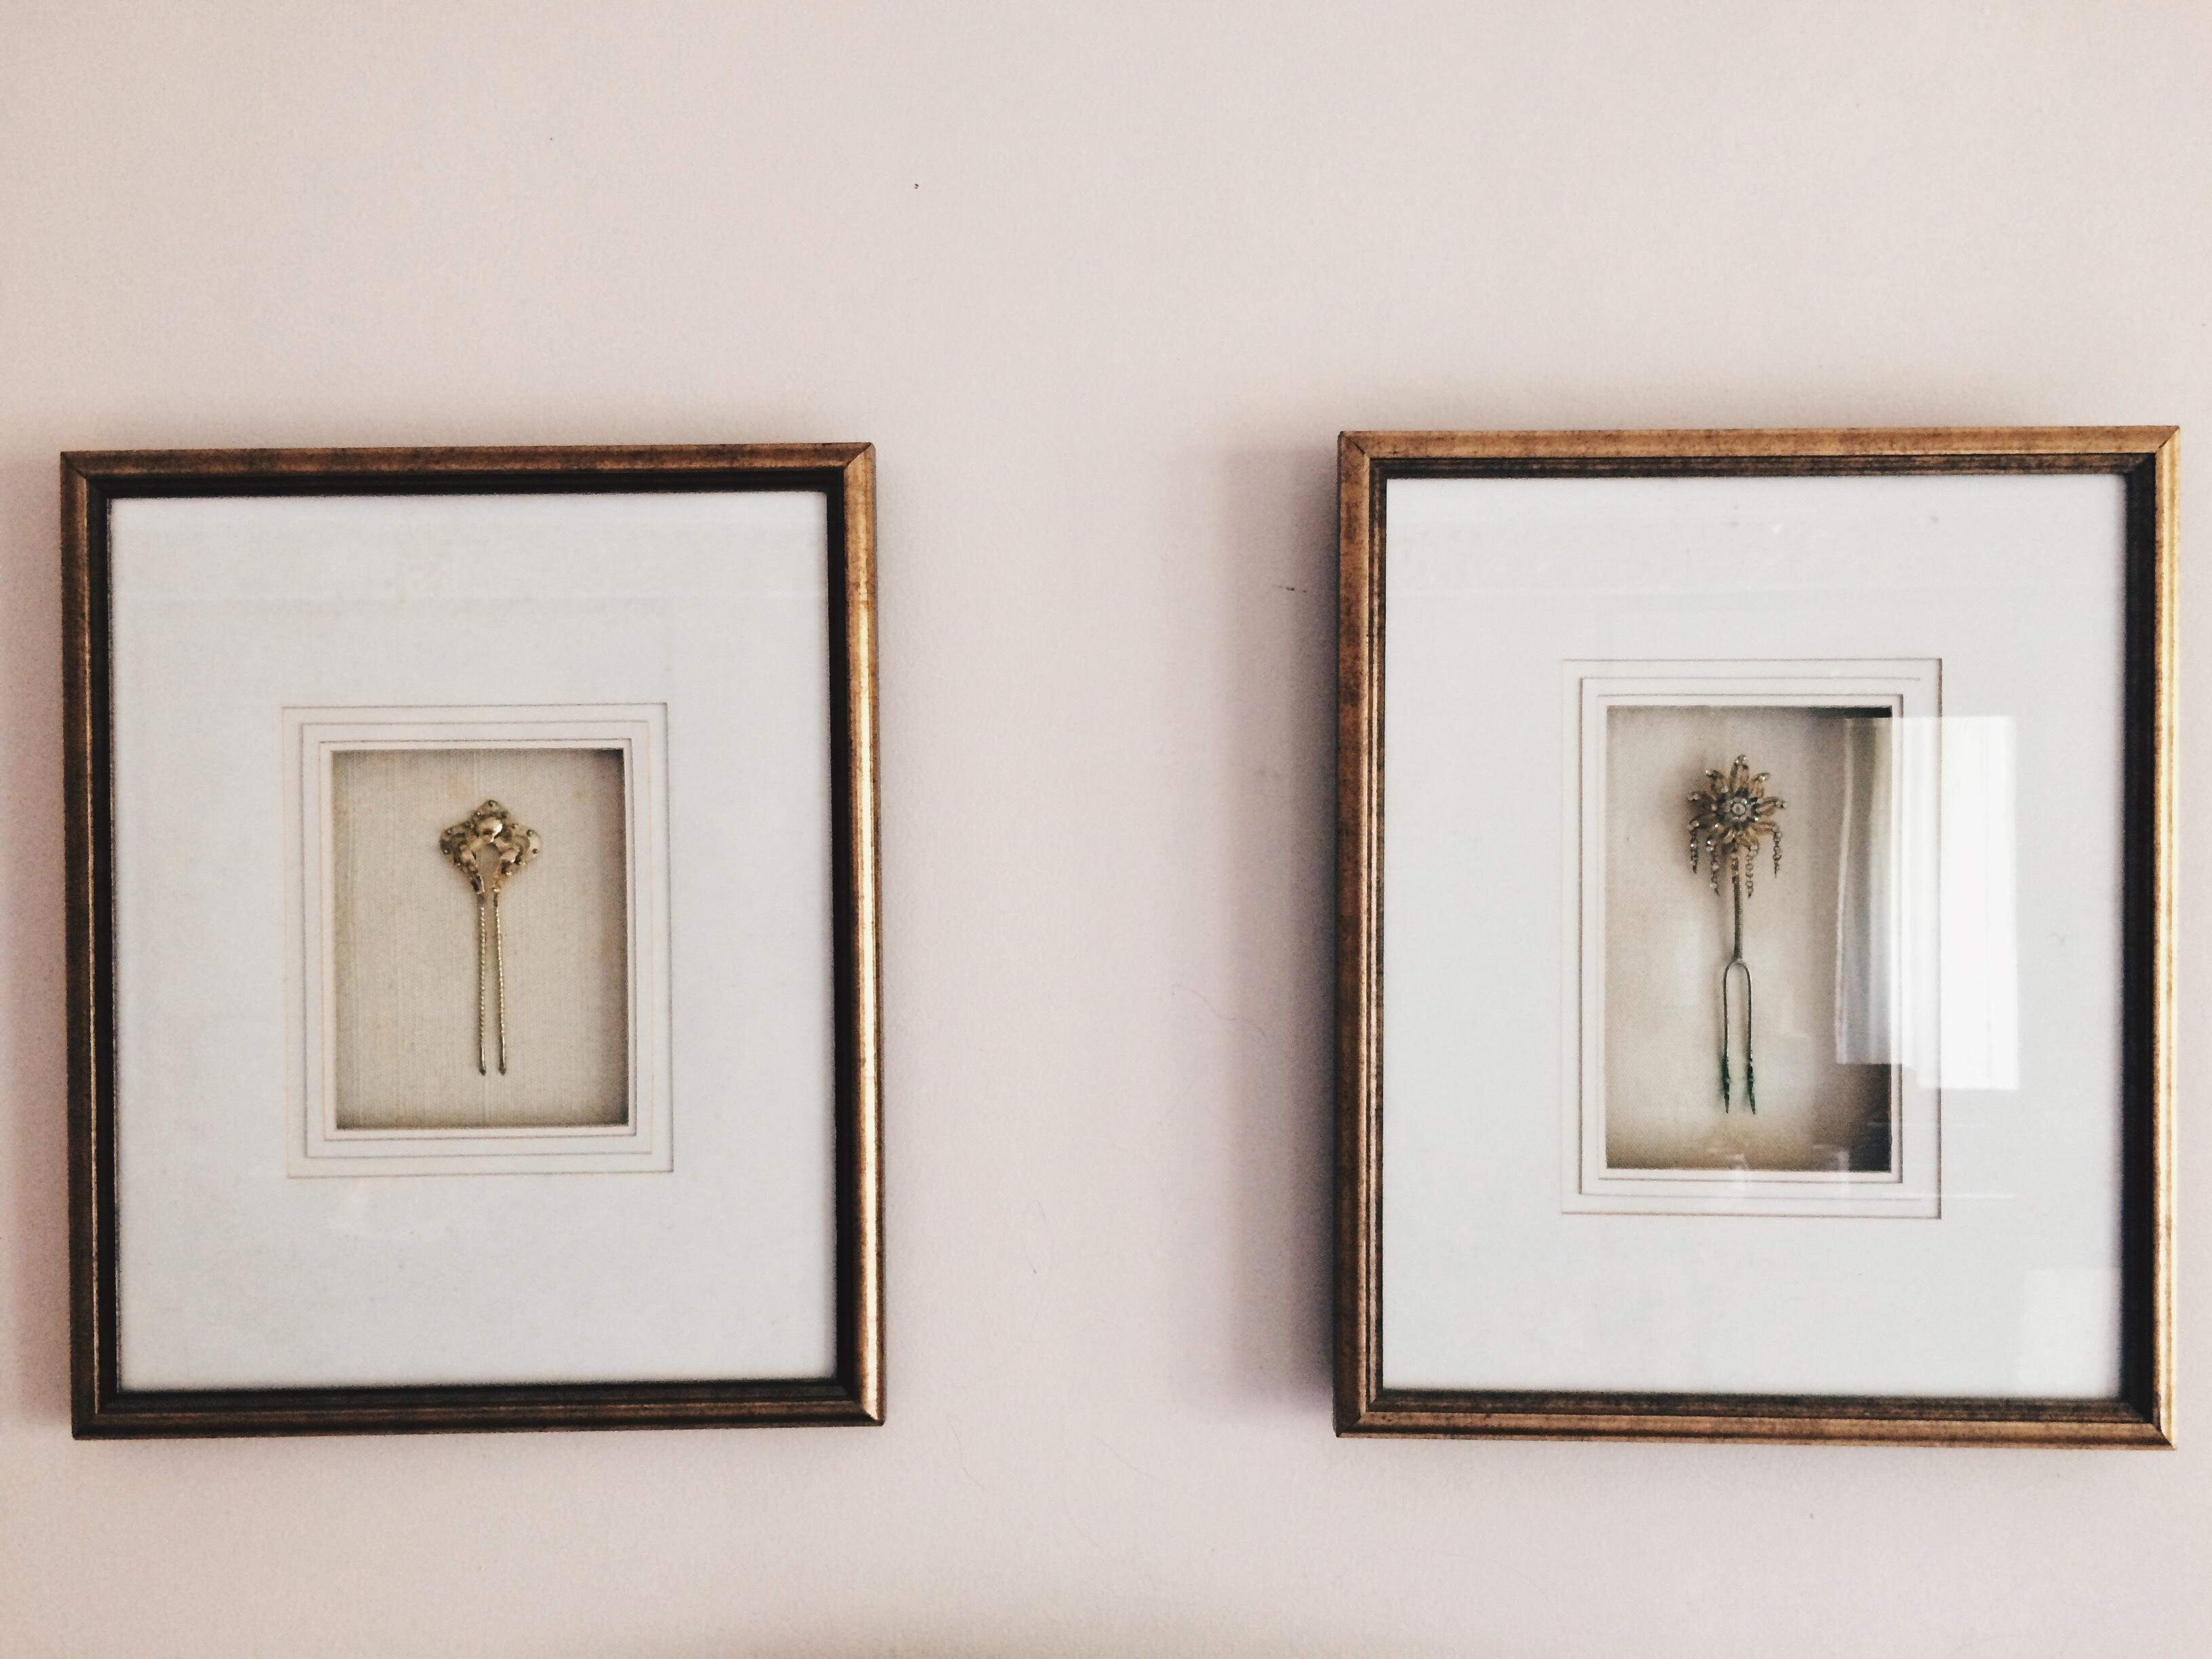 Kostenlose foto : Holz, Zeichnung, Bilderrahmen, moderne Kunst ...